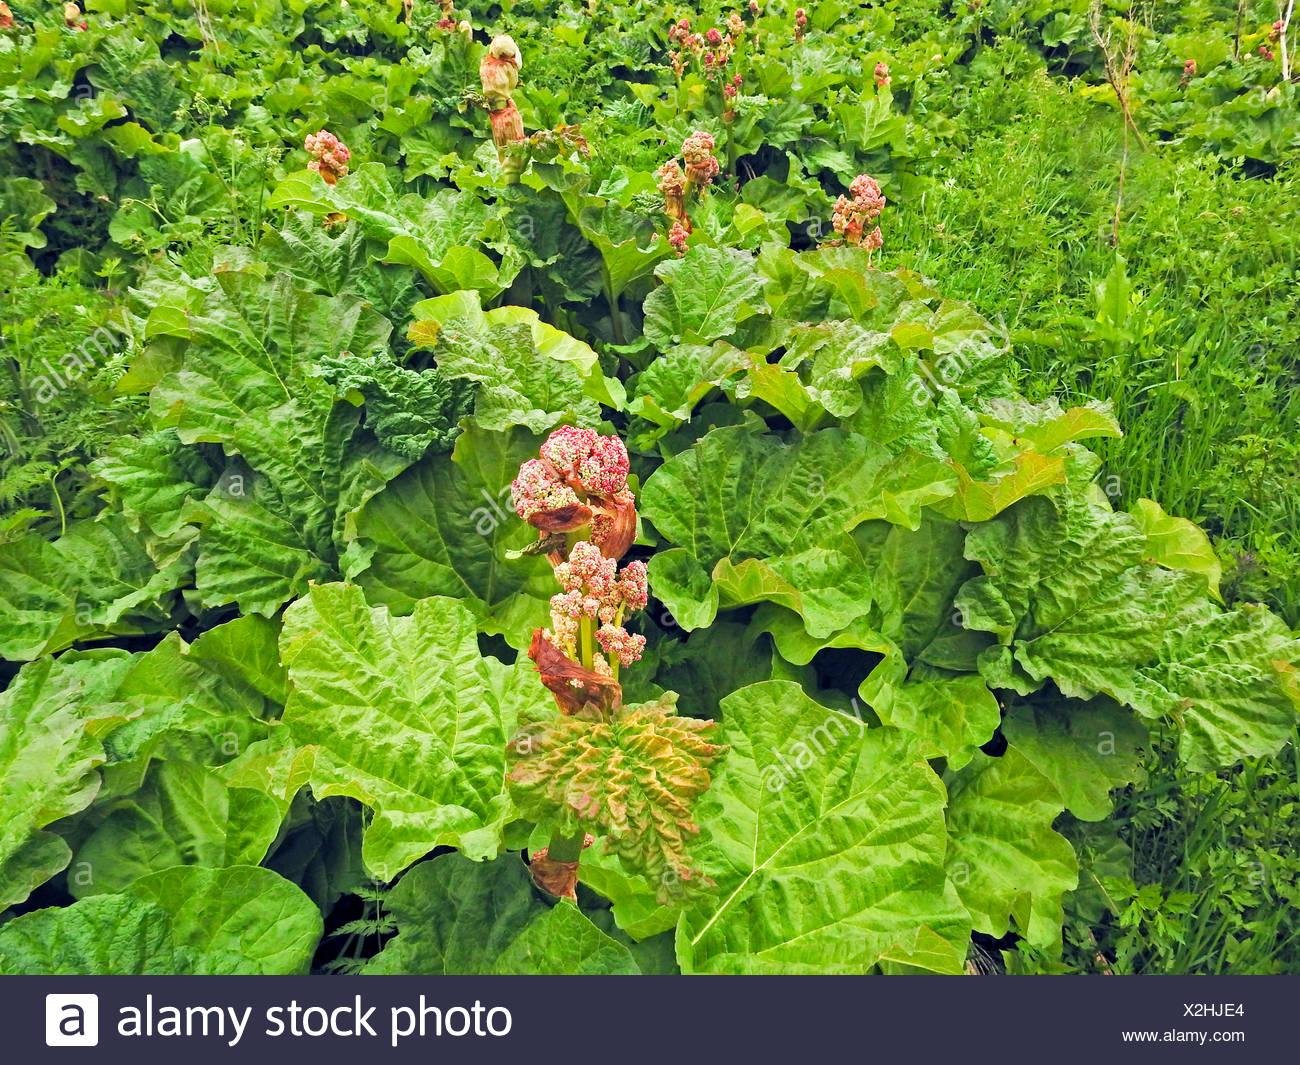 rhubarb (Rheum rhabarbarum), blooming - Stock Image